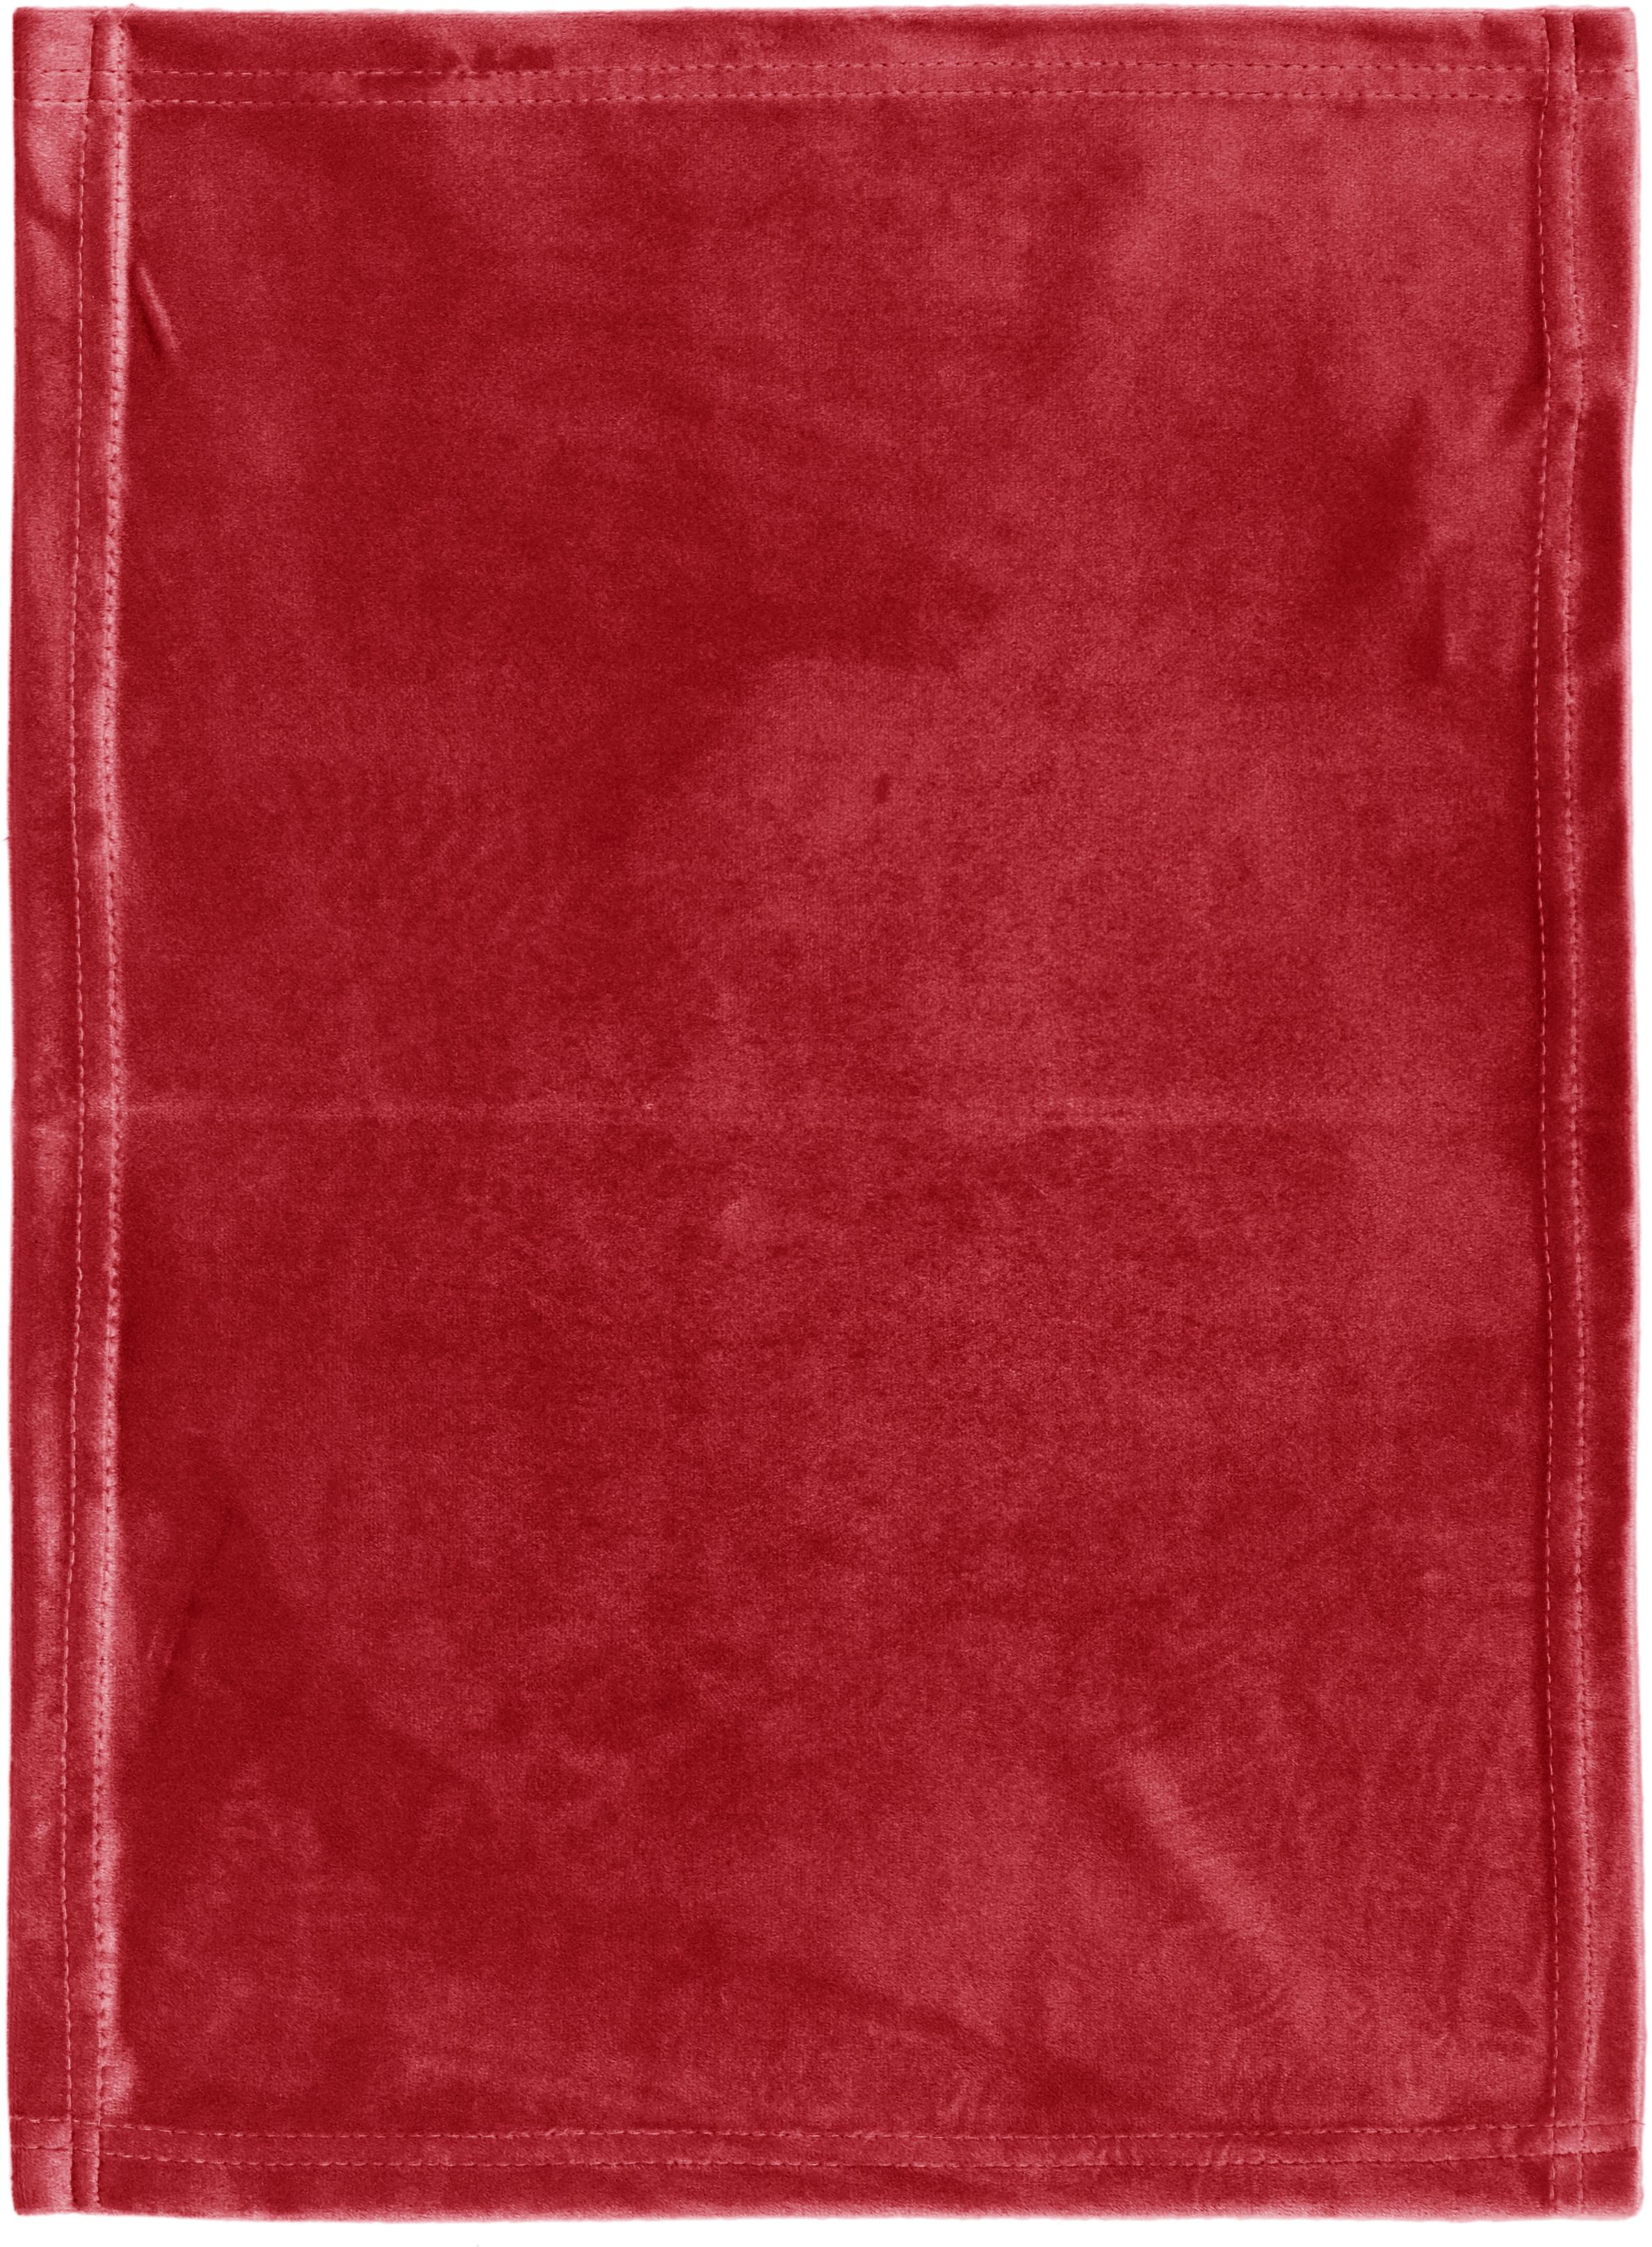 Samt-Tischsets Simone, 2 Stück, 100% Polyestersamt, Rot, 35 x 45 cm